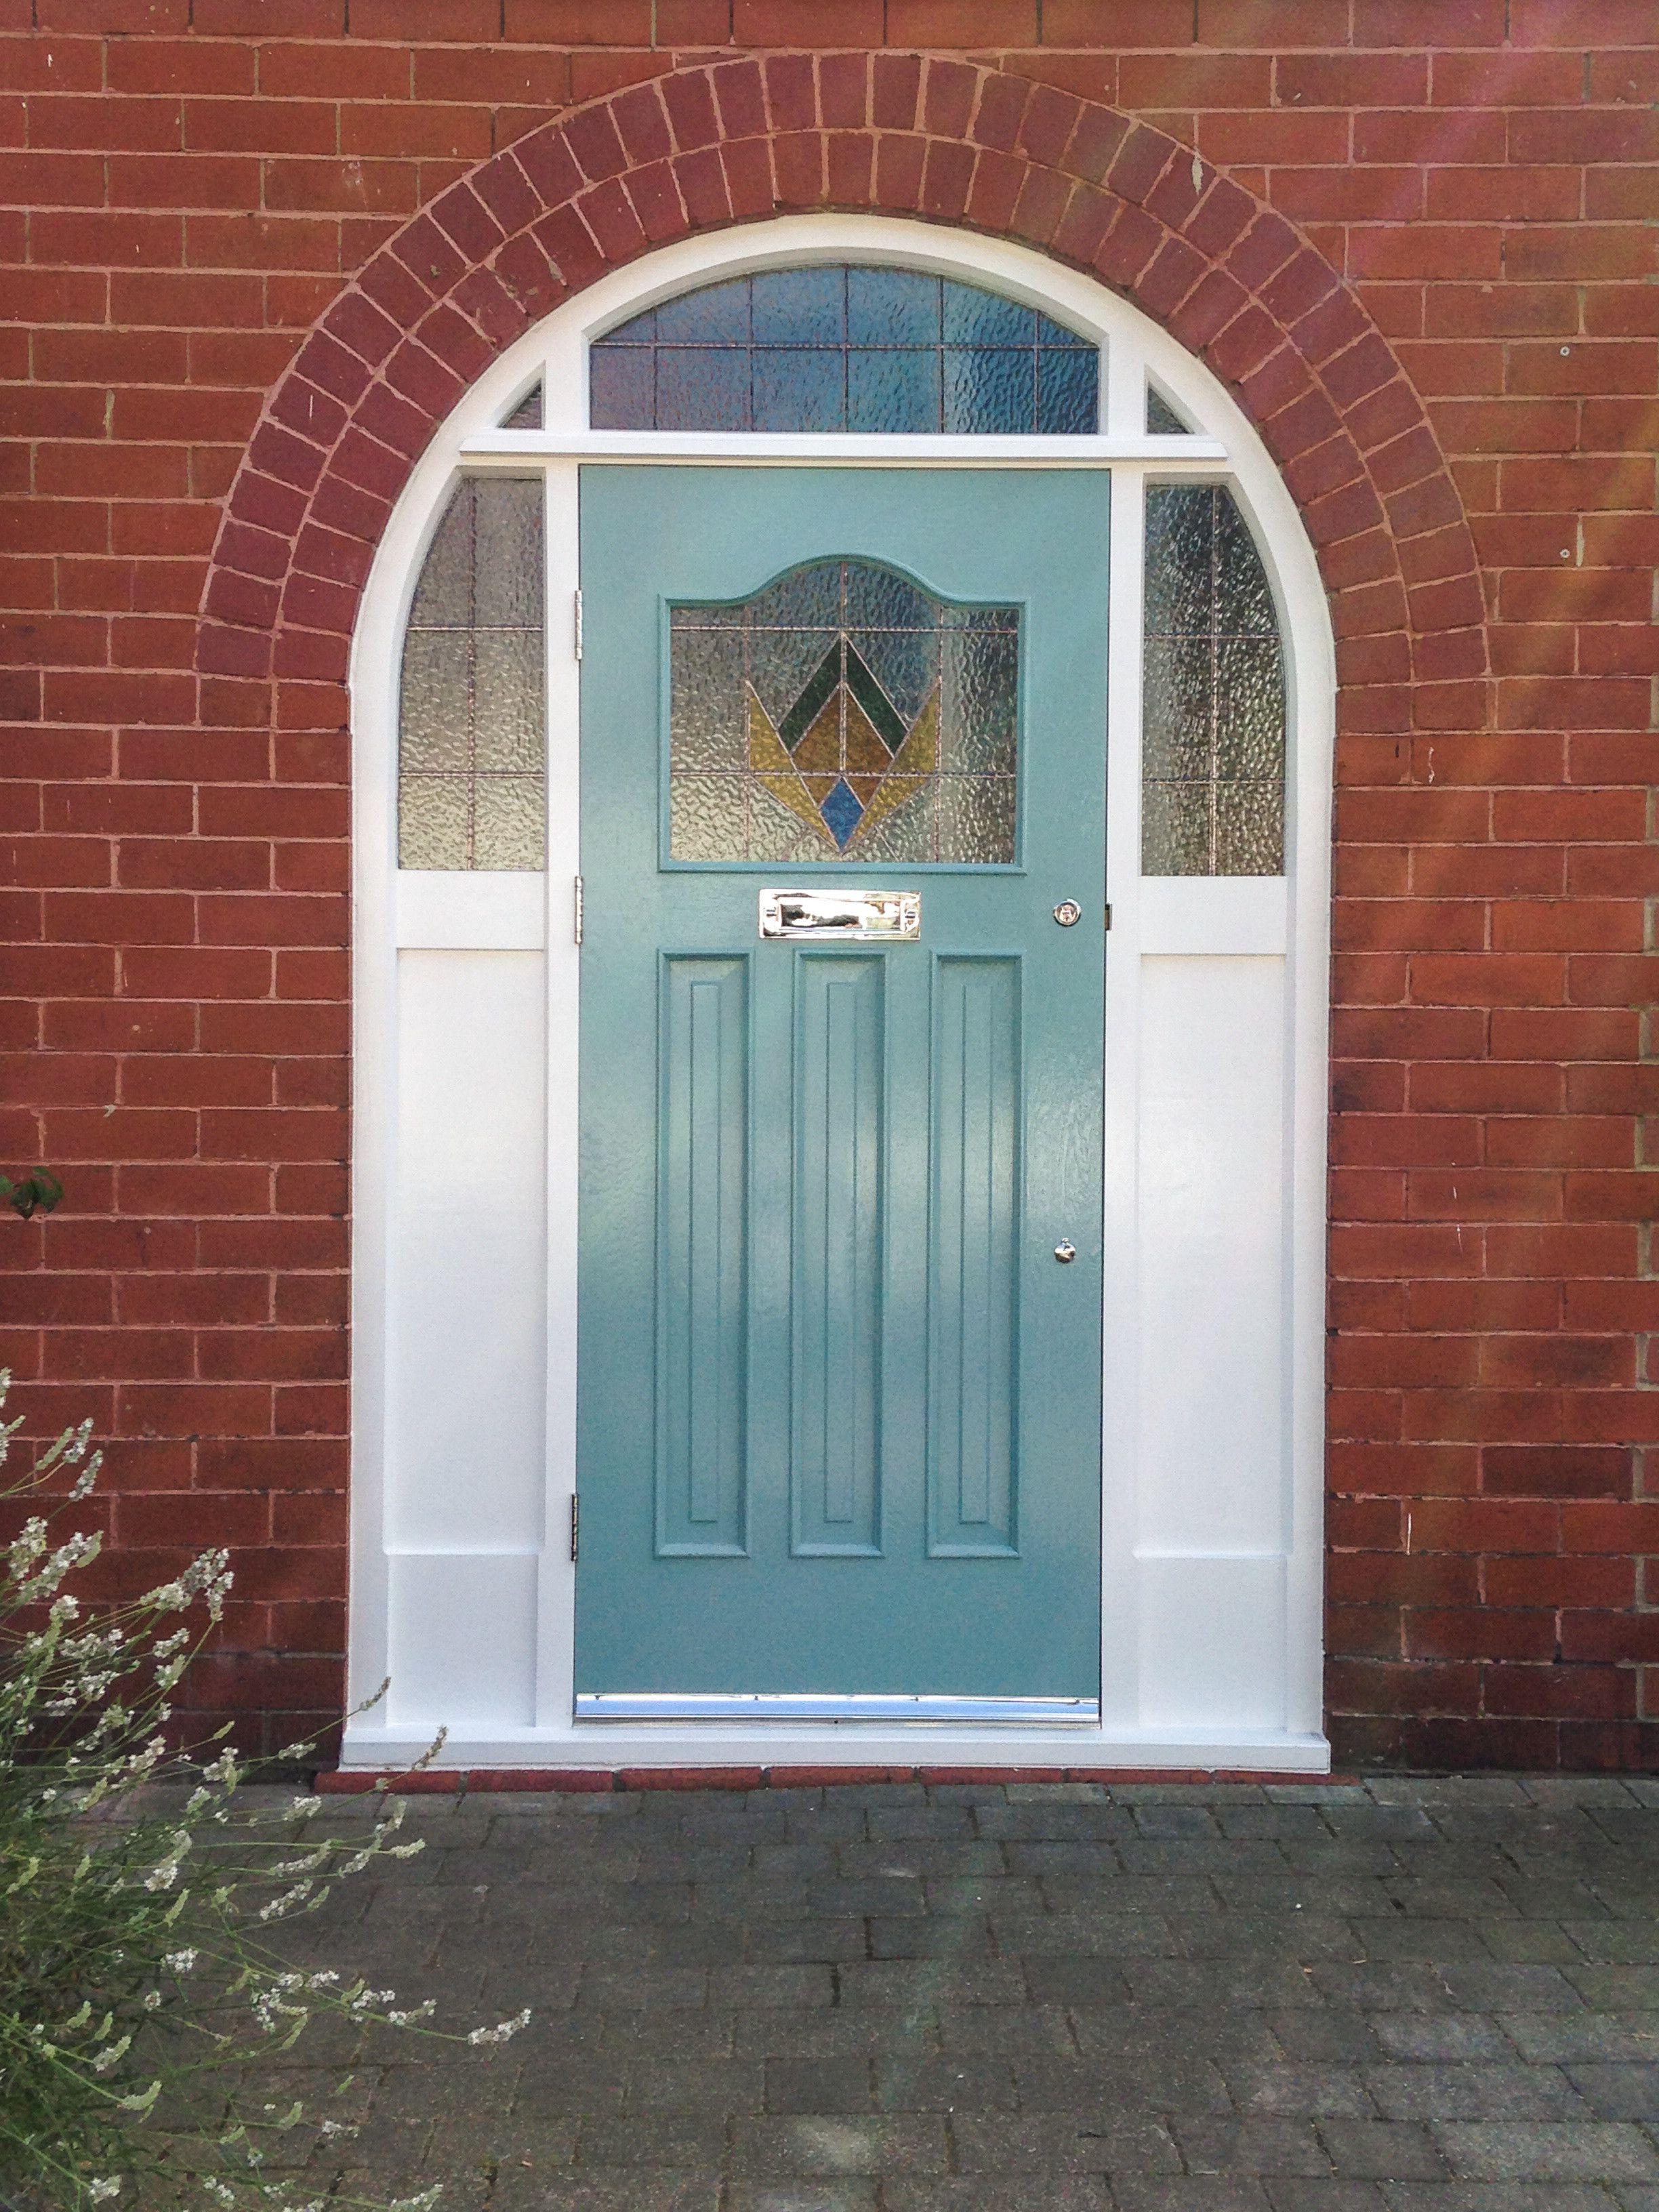 1930 S Door With Arched Frame Front Door In 2019 1930s